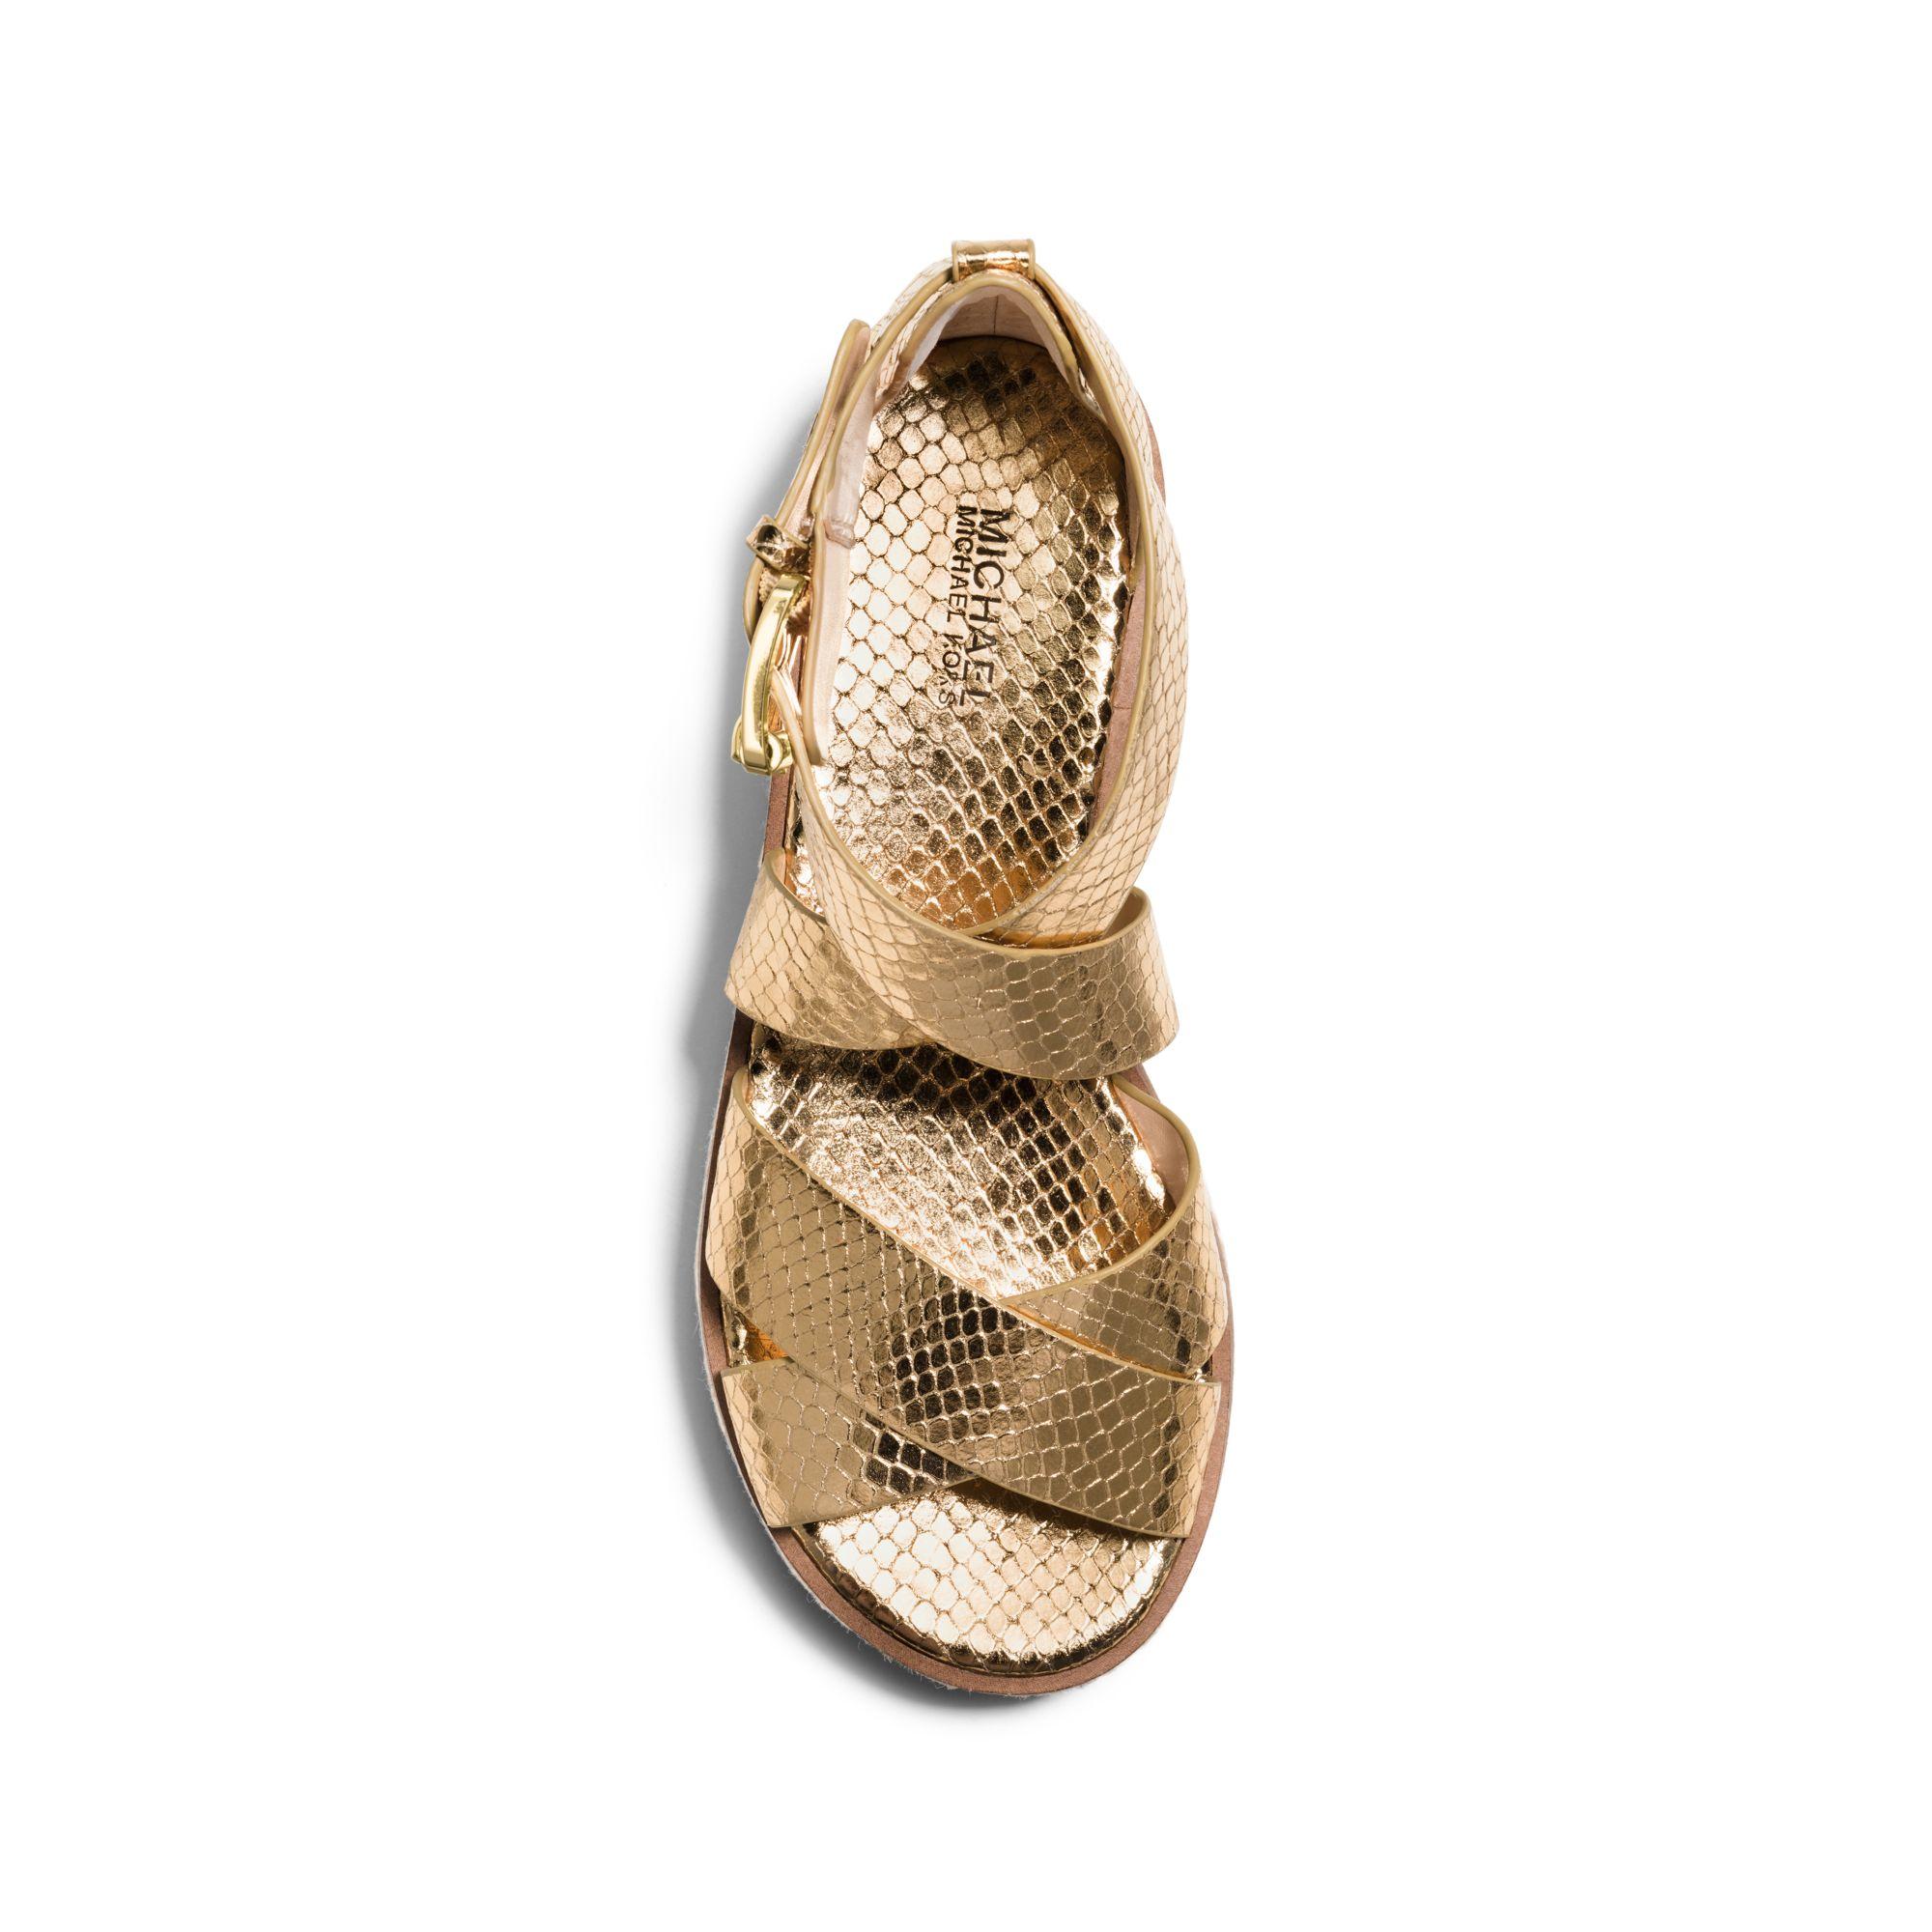 b451107d0df Lyst - Michael Kors Darby Embossed-leather Platform Sandal in Metallic